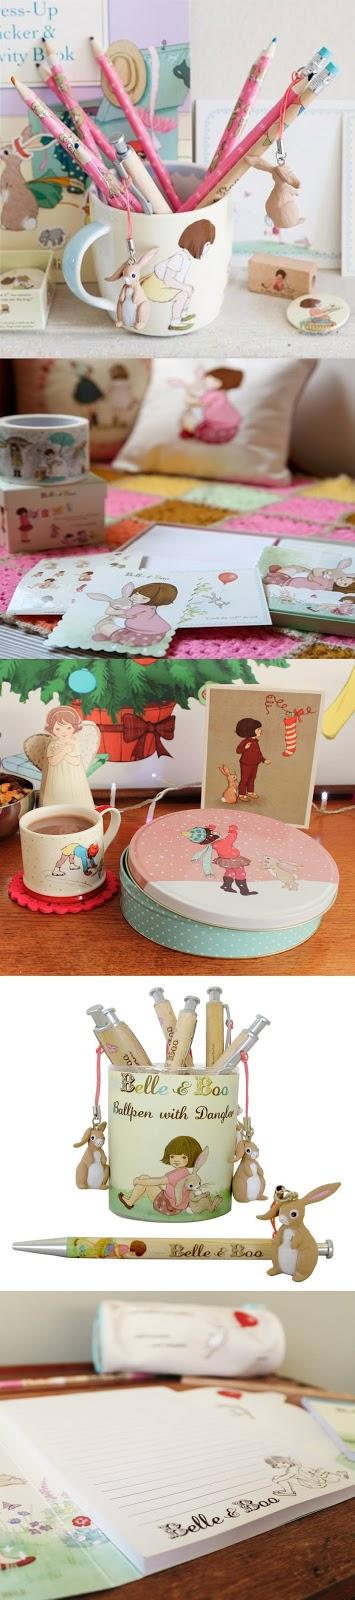 Belle e Boo produtos fofos e papelaria